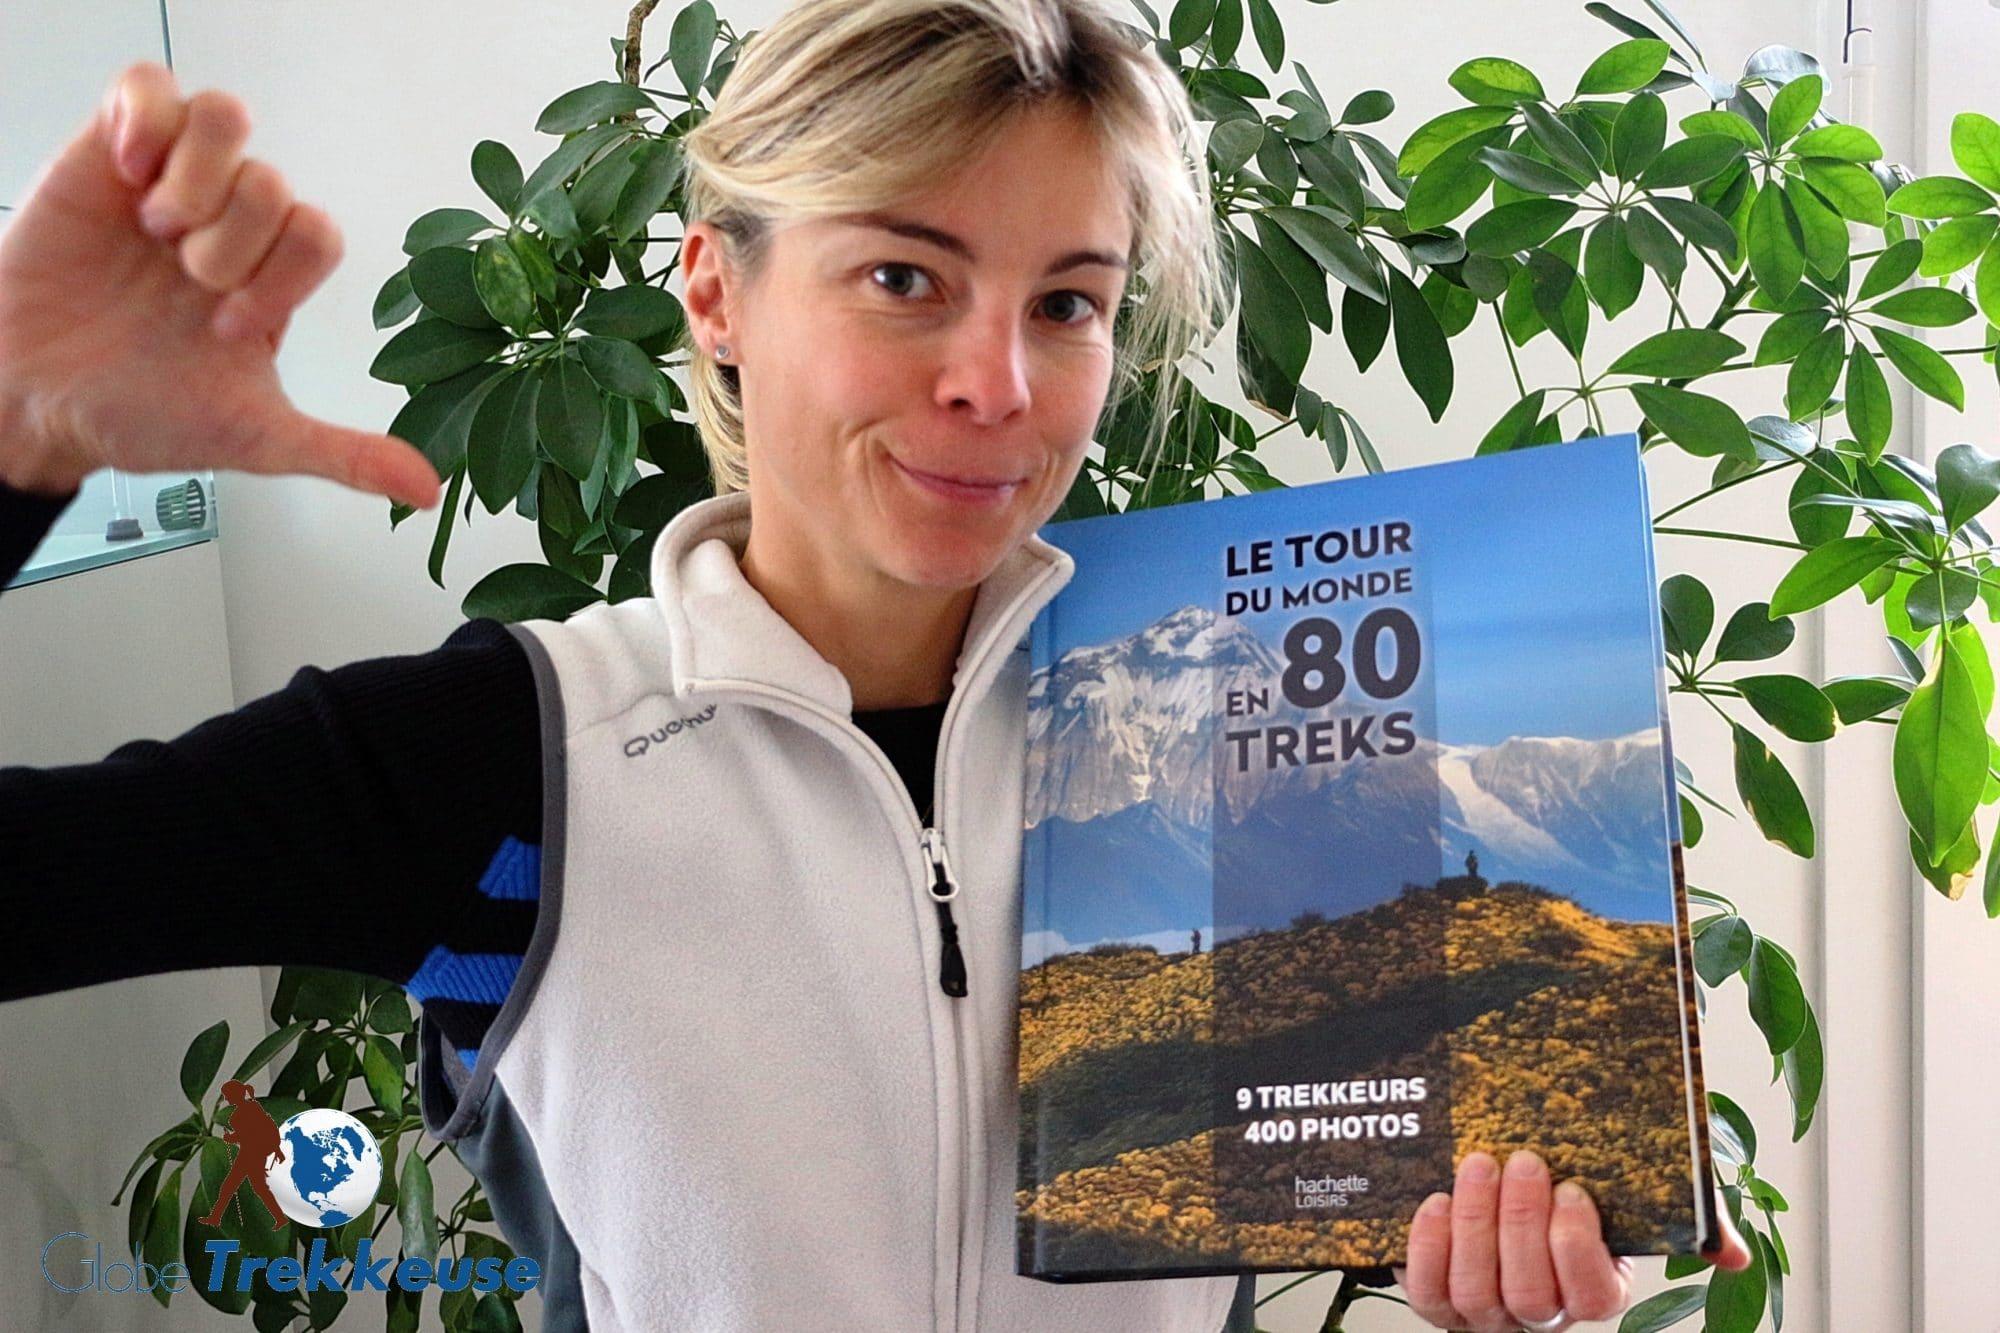 le tour du monde en 80 treks gtk